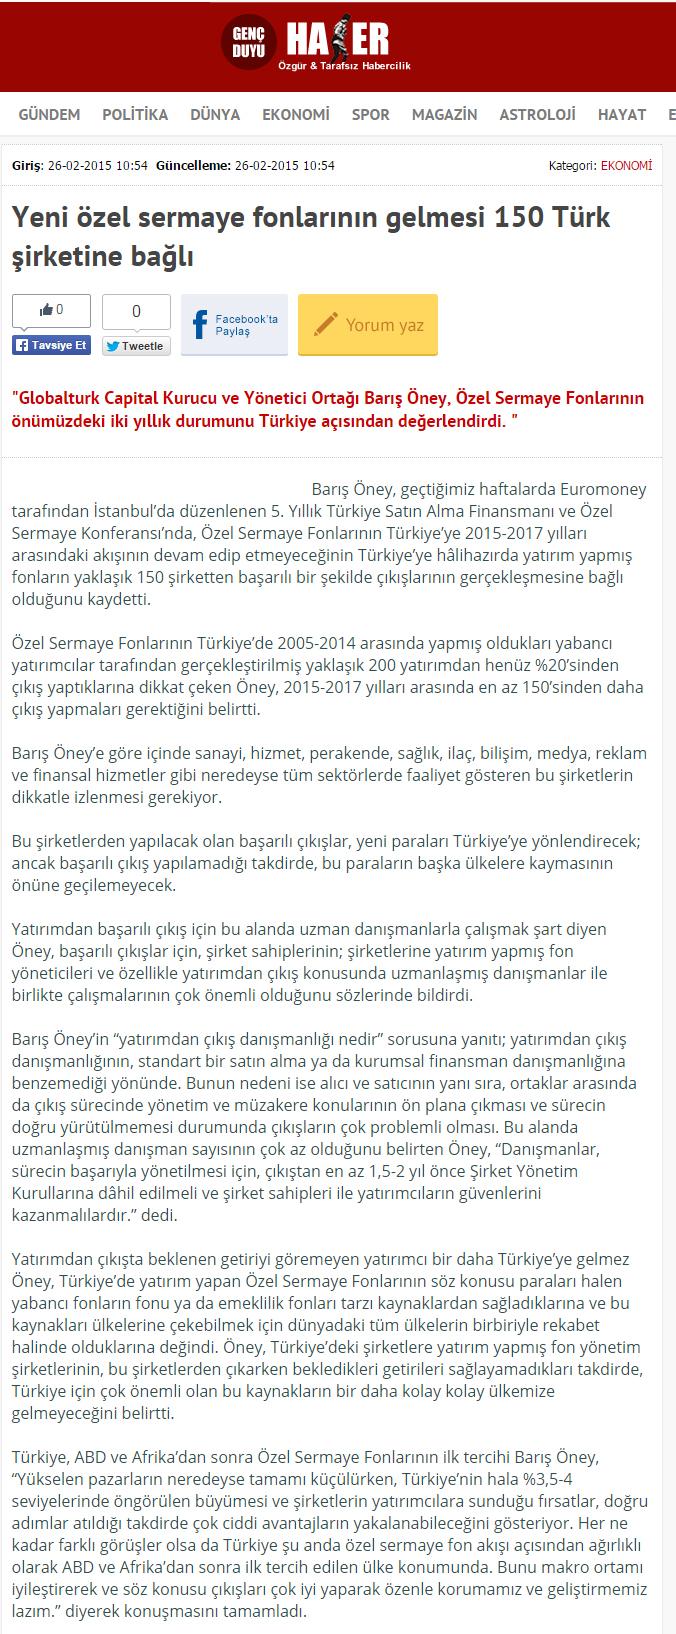 Yeni Özel Sermaye Fonlarının Gelmesi 150 Türk Şirketine Bağlı | Gencduyu.com